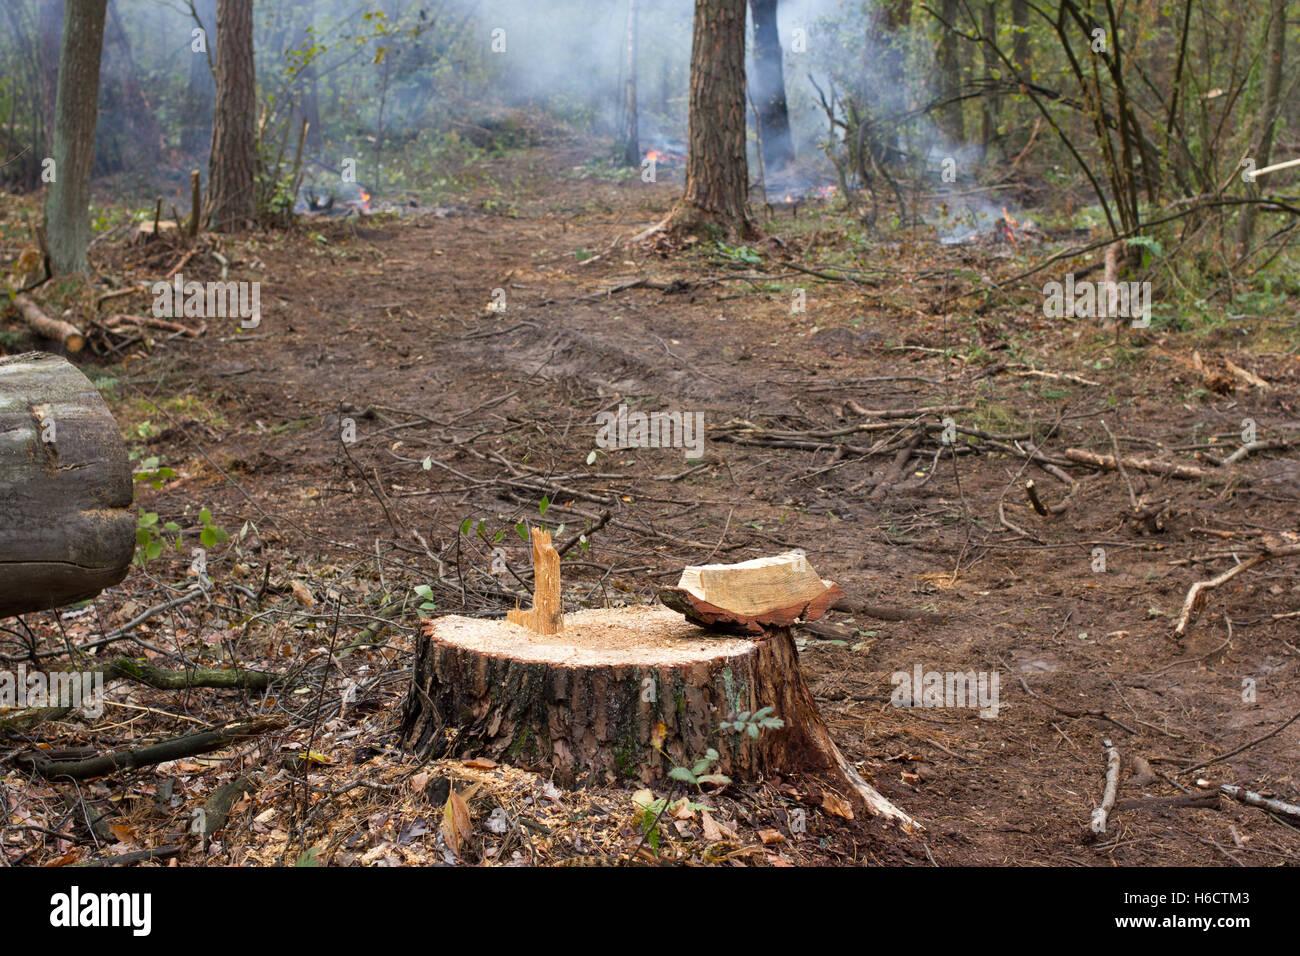 Moncone di pino, risultato di abbattimento di alberi. In totale la deforestazione, foresta di taglio Immagini Stock